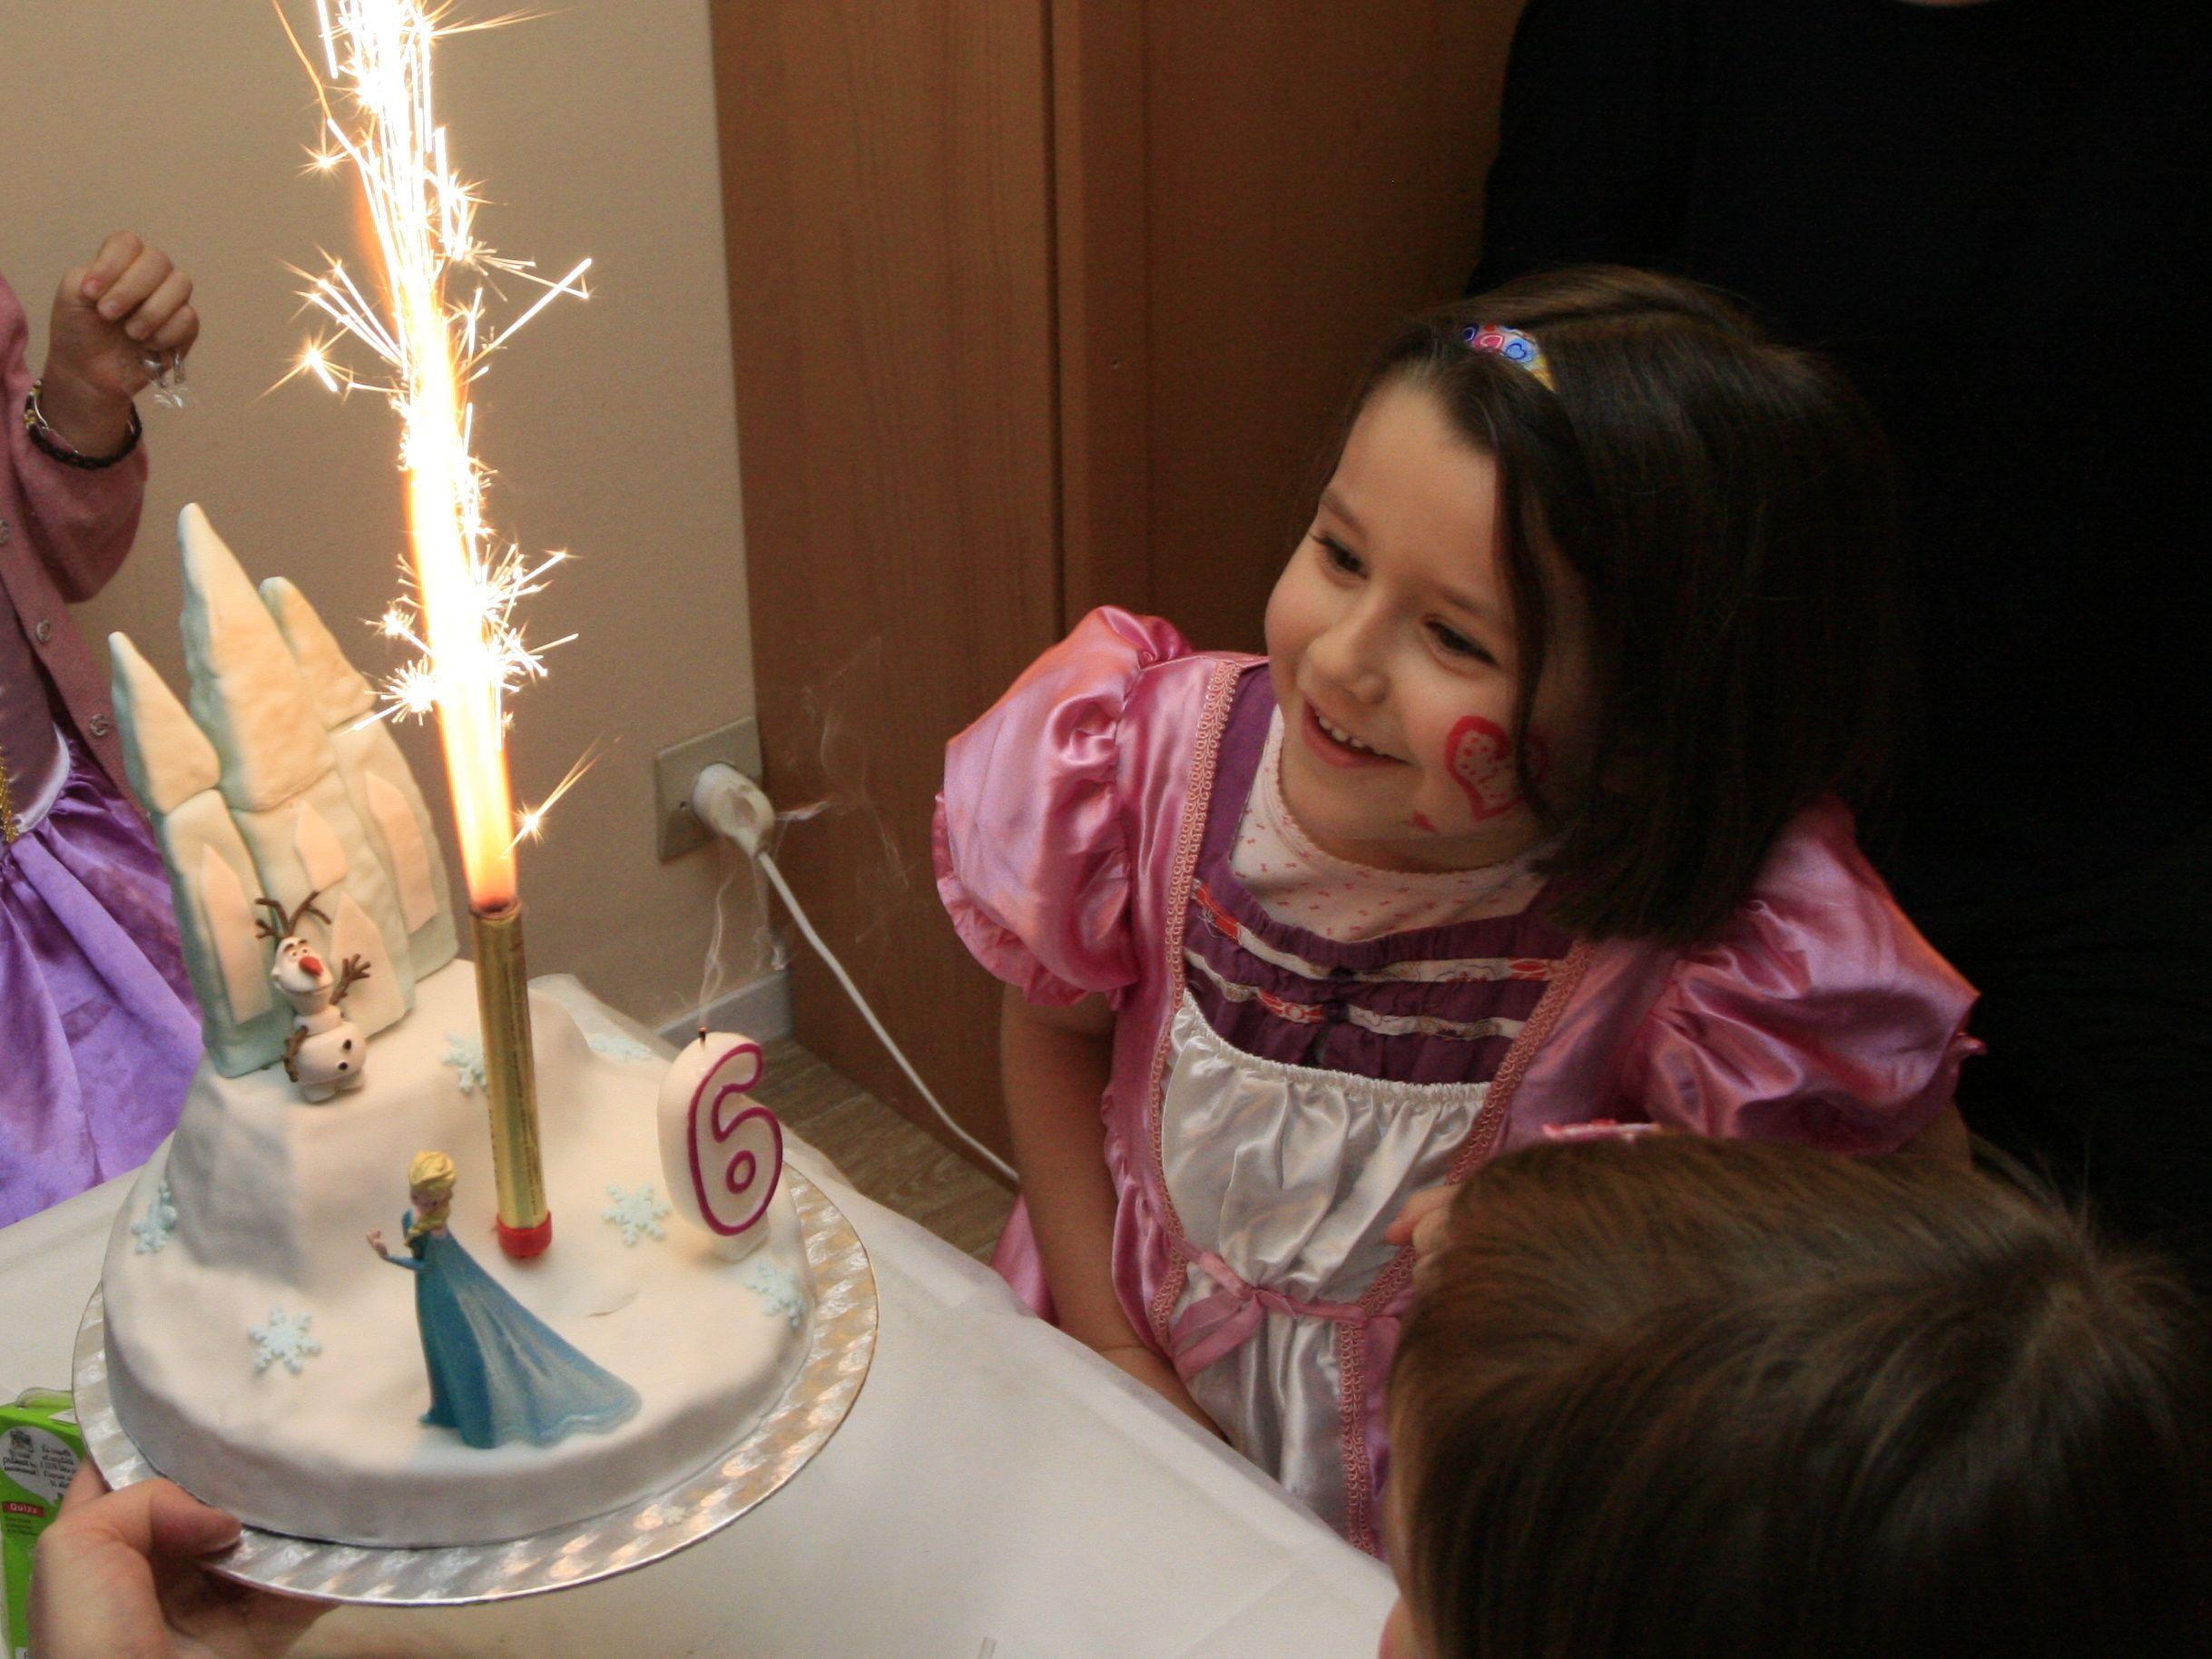 Un anniversaire reine des neiges de disney les d lices d for Maison reine des neiges